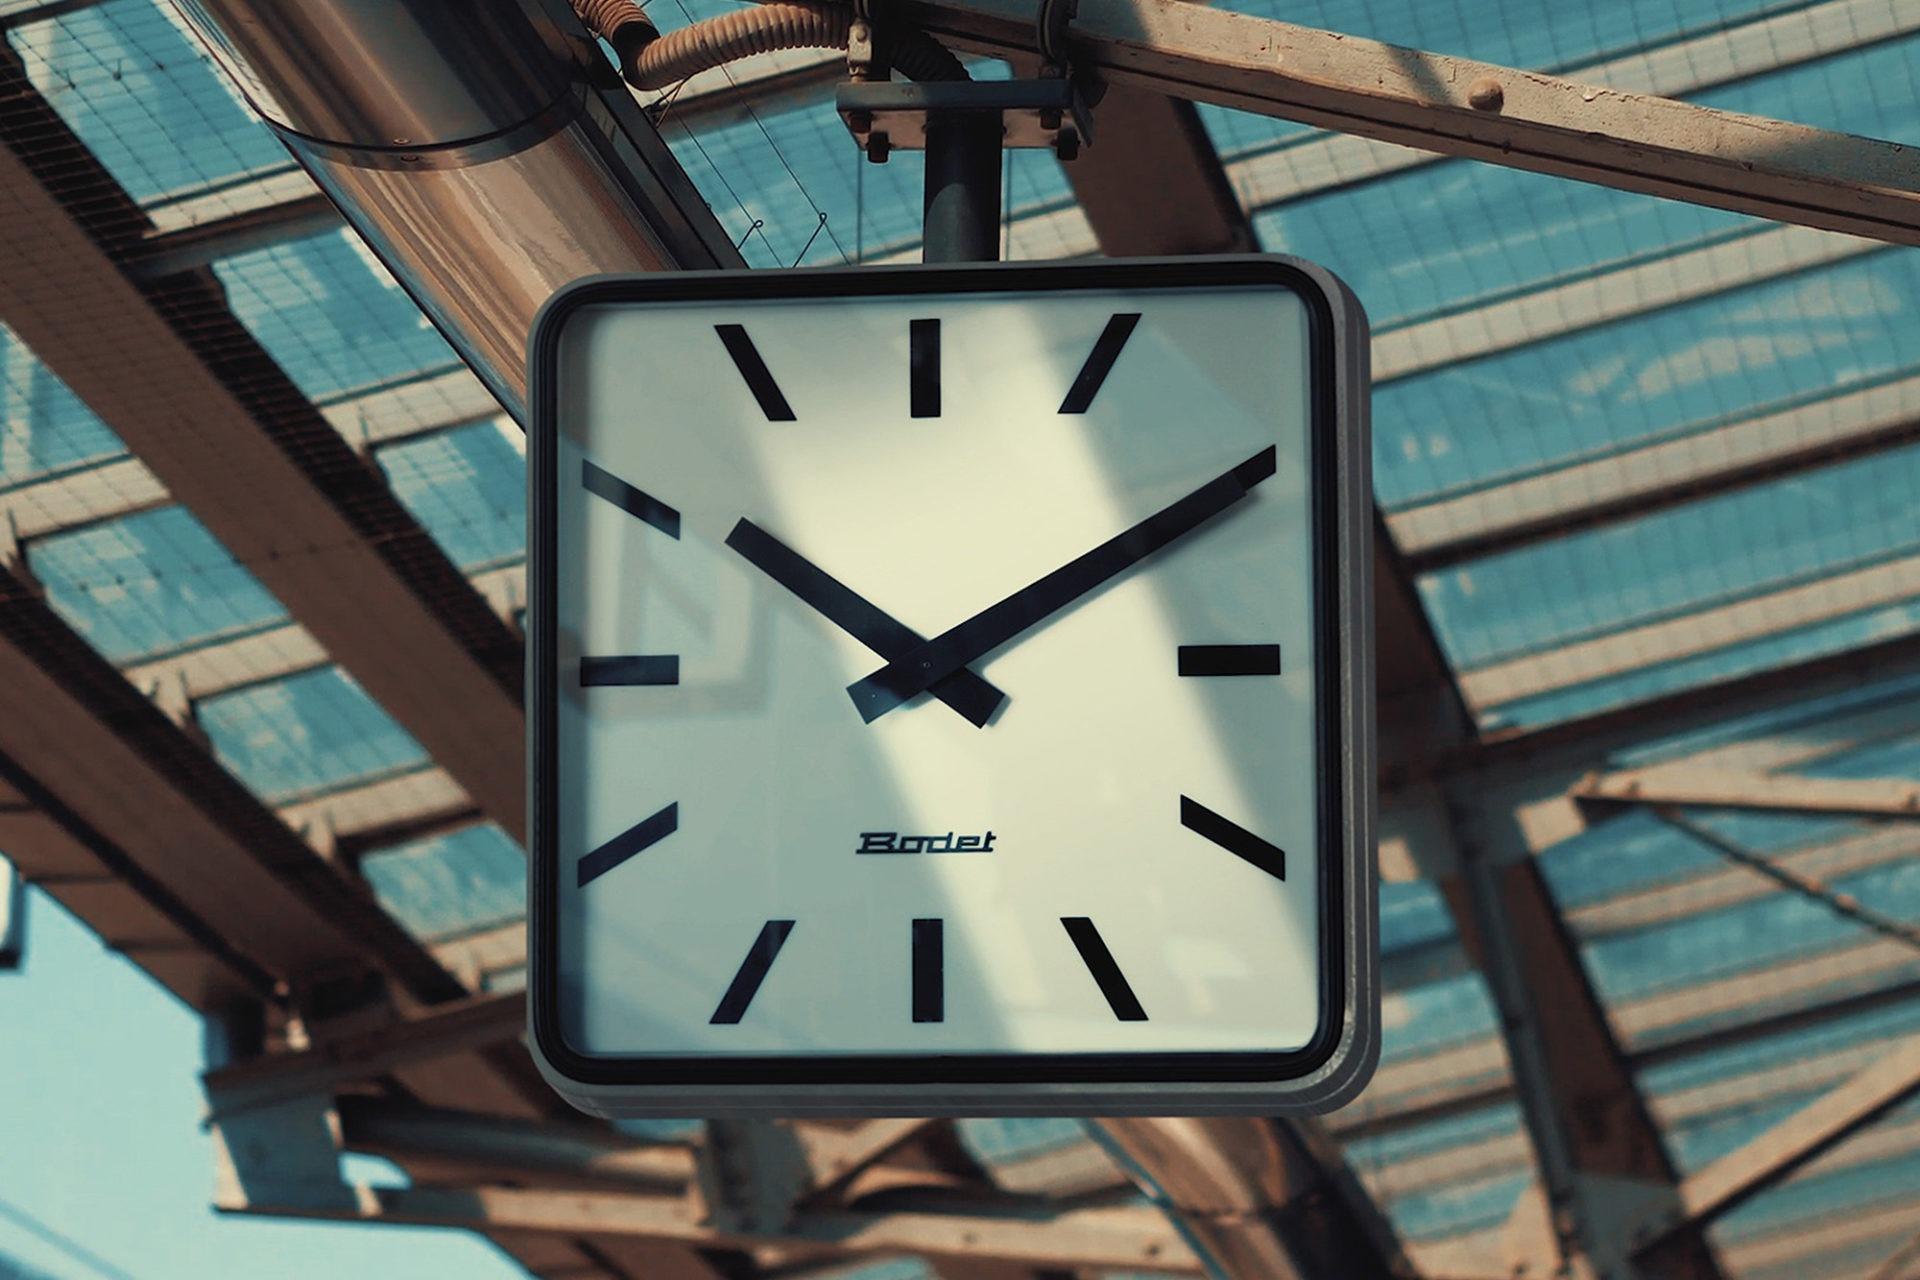 Horloge Bodet BT480